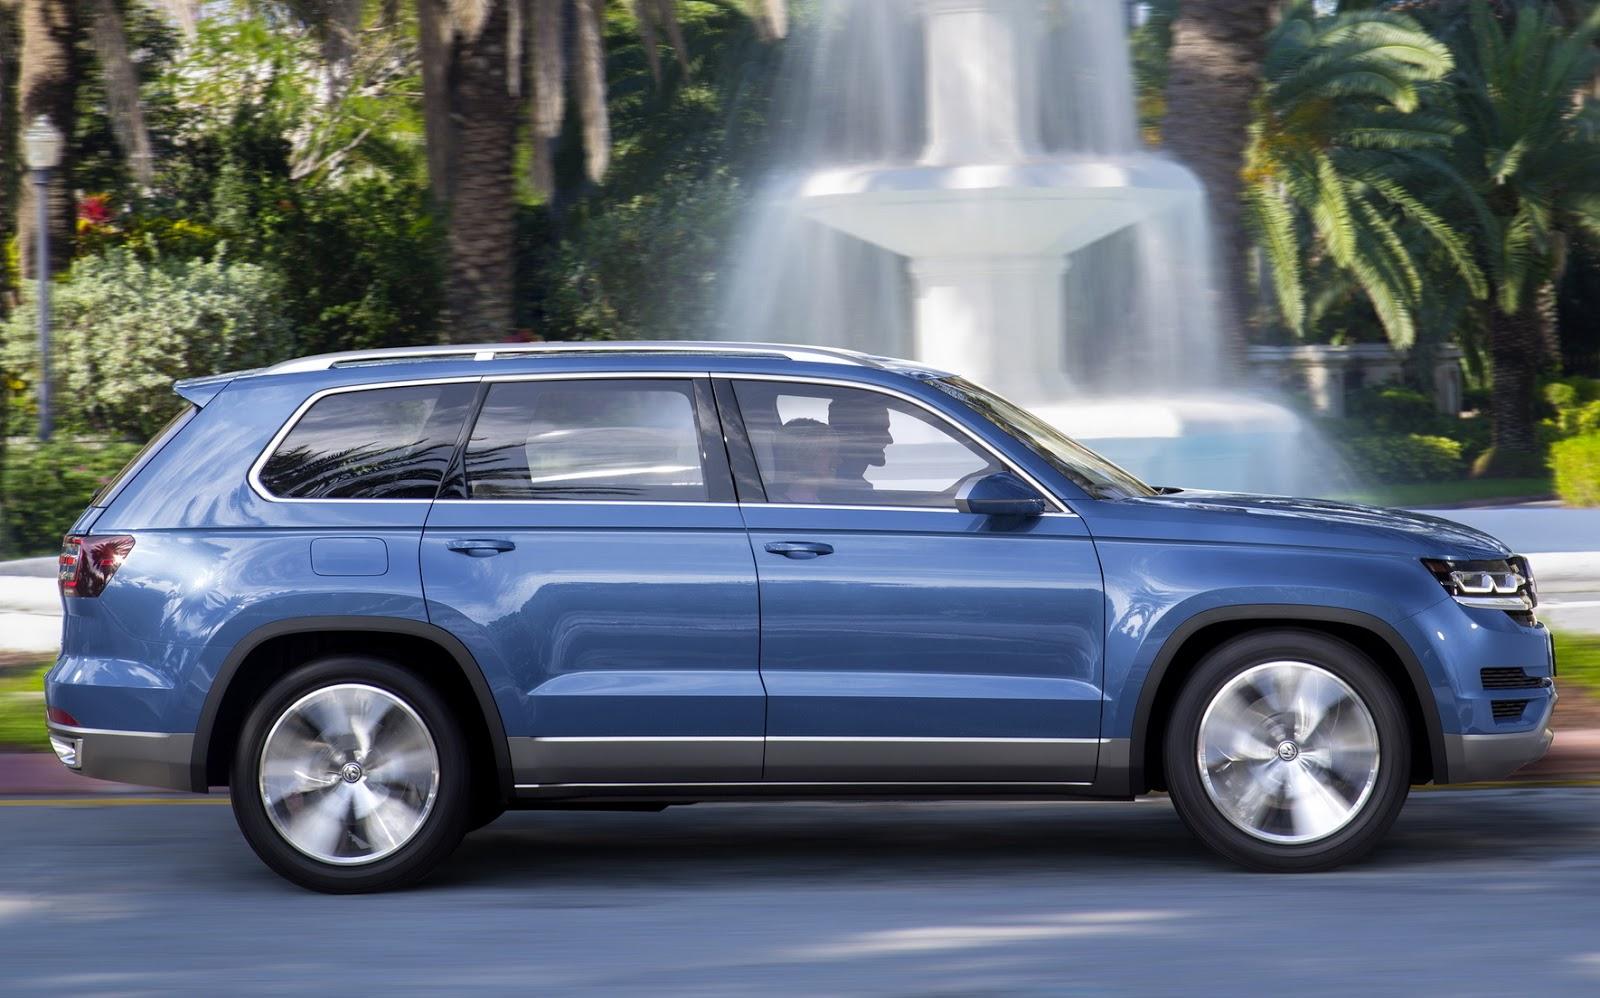 Volkswagen prepara ofensiva com 5 novos SUV até 2017 | CAR ...